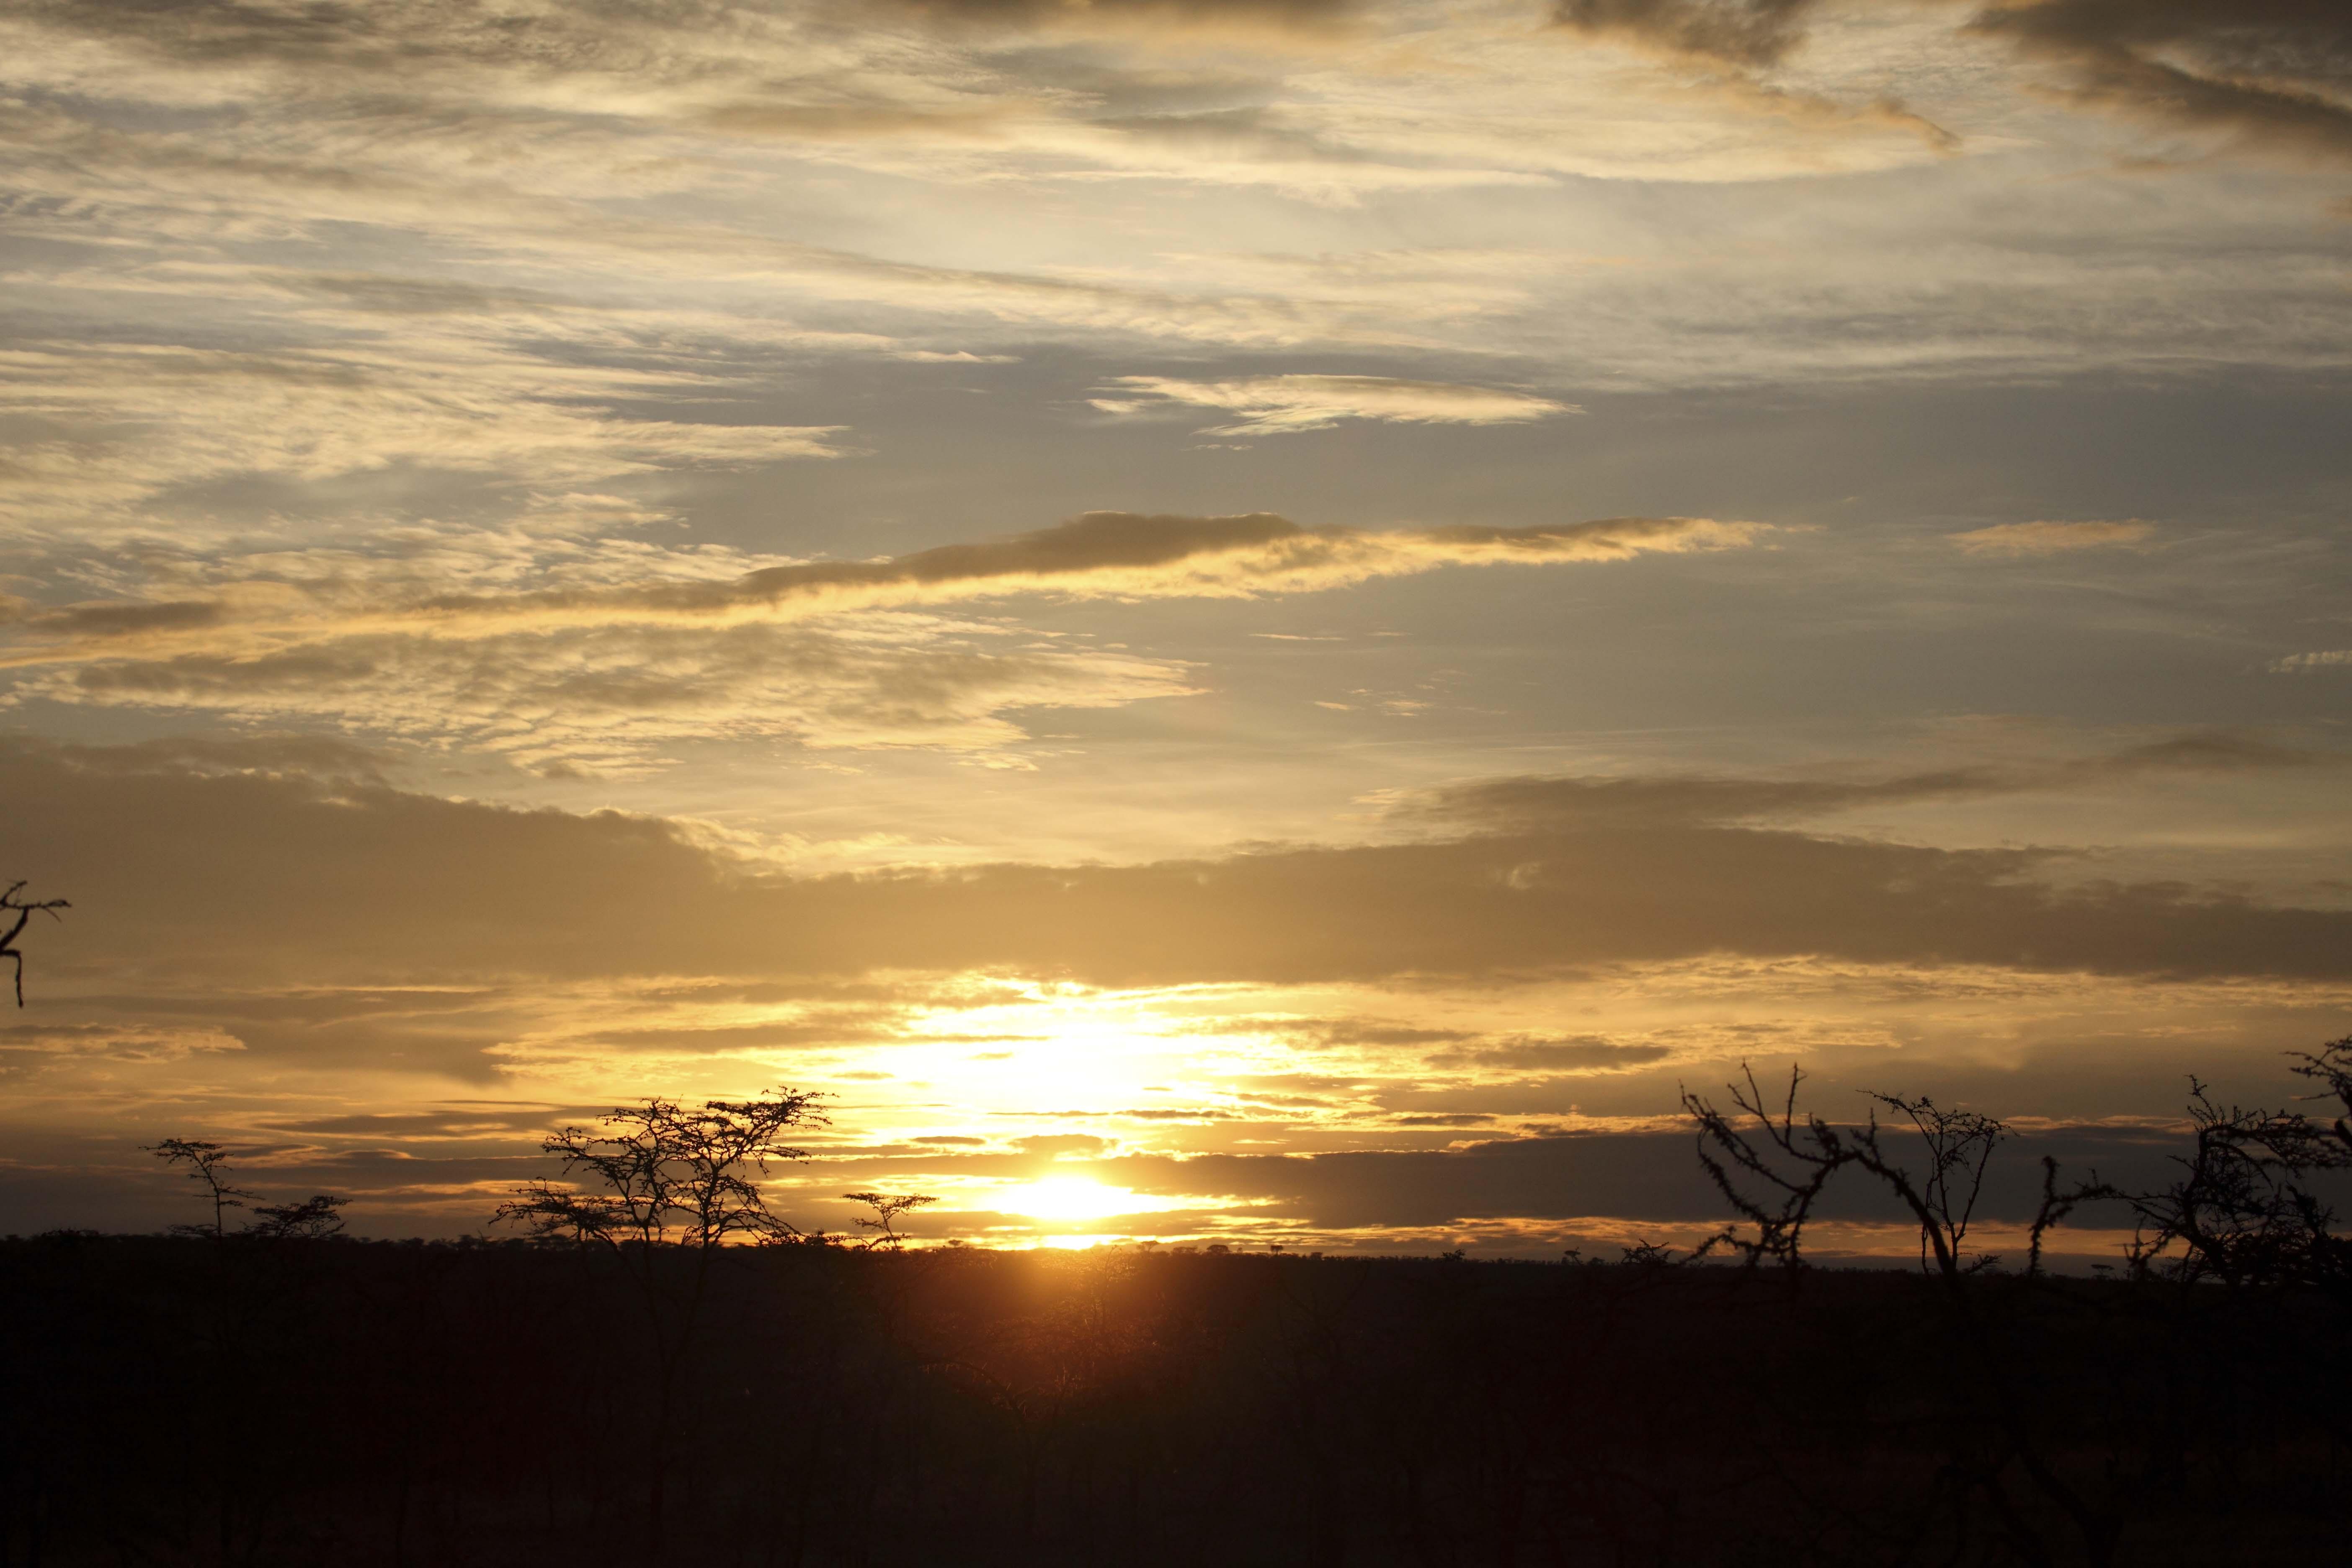 naboisho-landscape-kenya-safri-sunset